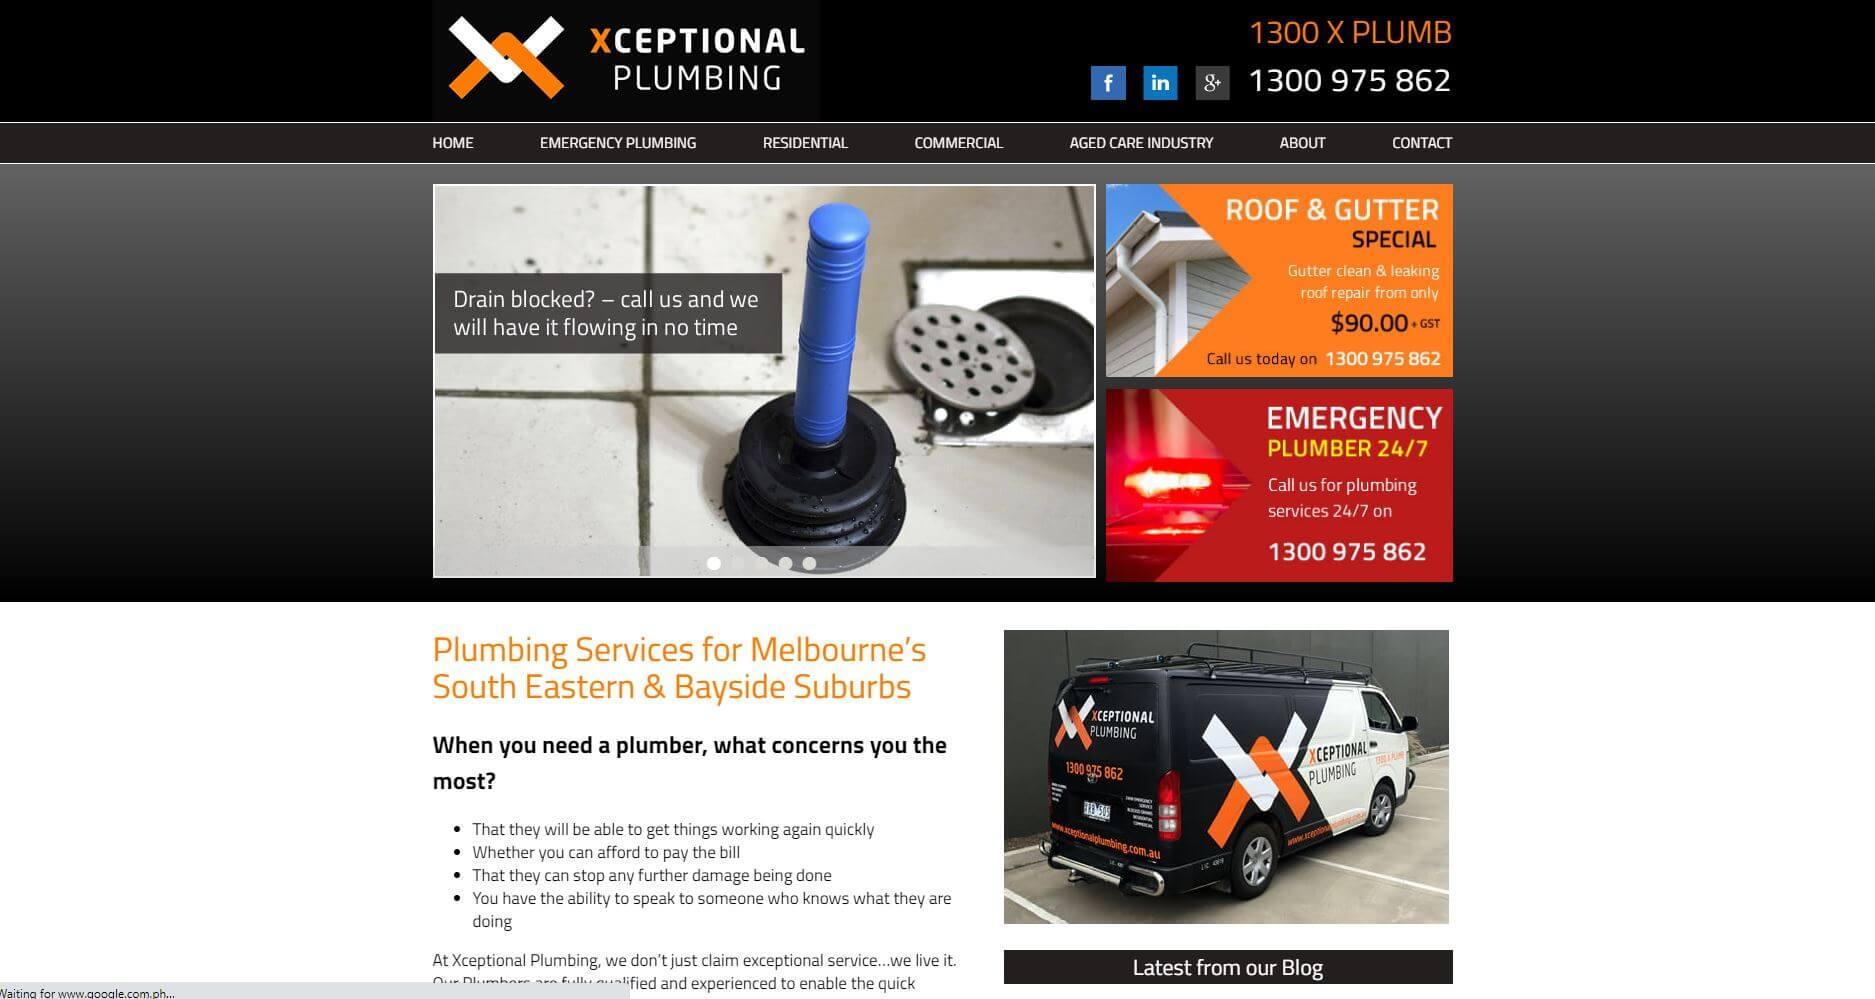 Xceptional Plumbing